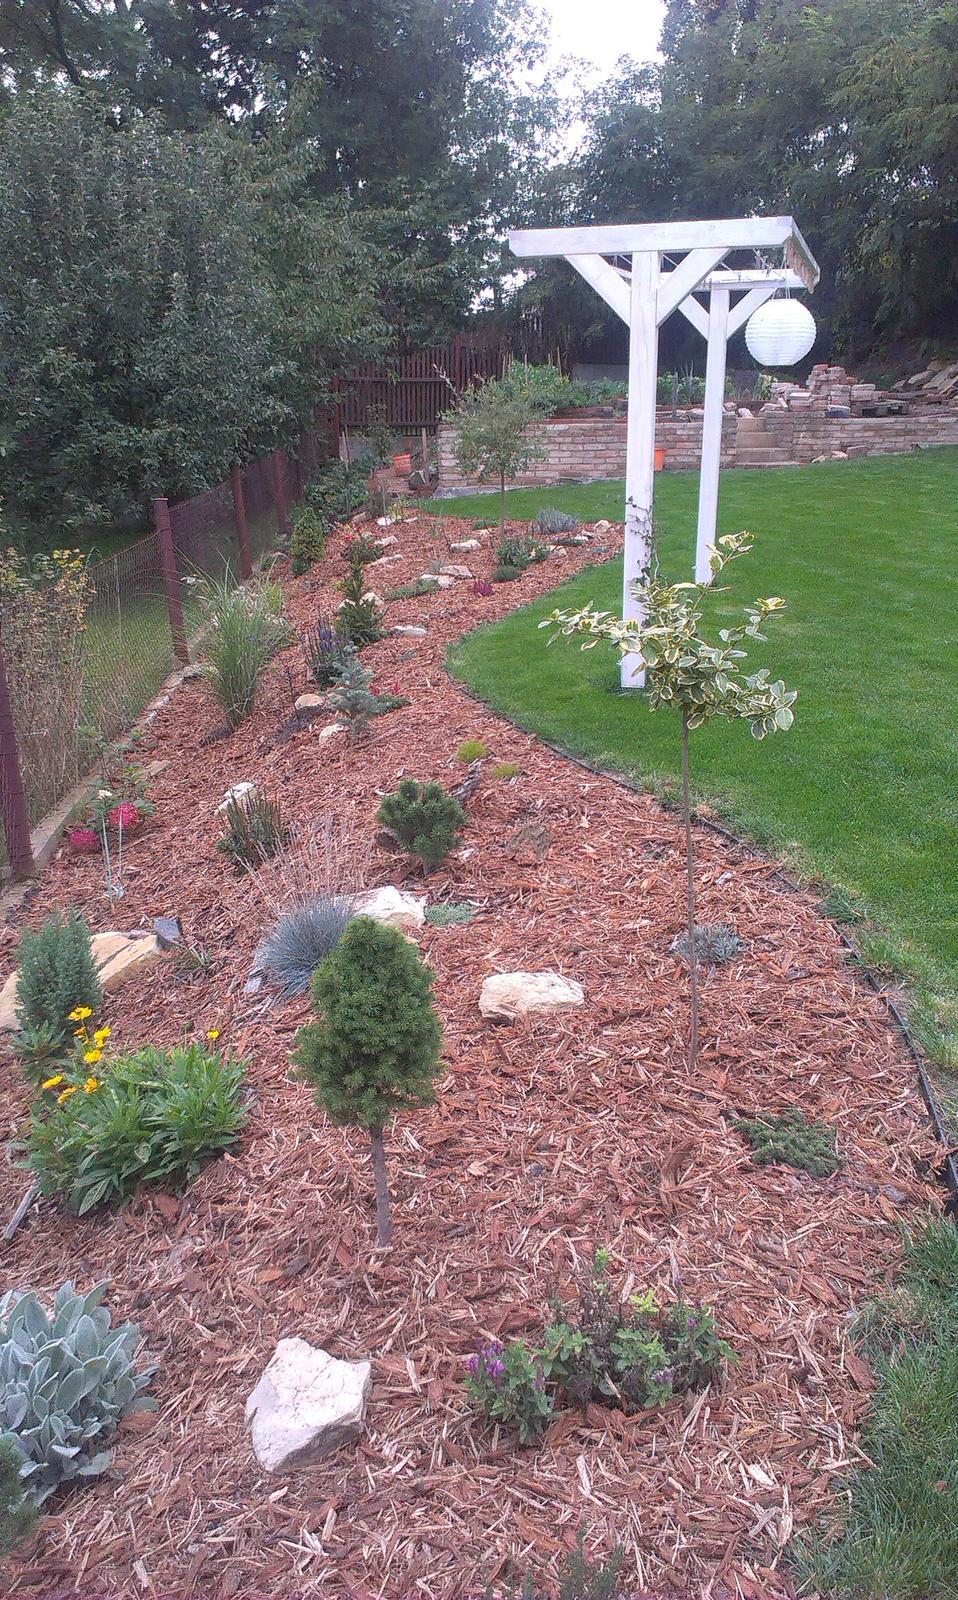 Záhrada - podarilo sa mi zohnať za výborne peniaze kůru takže 200kg zahučalo do skalky ako nič...